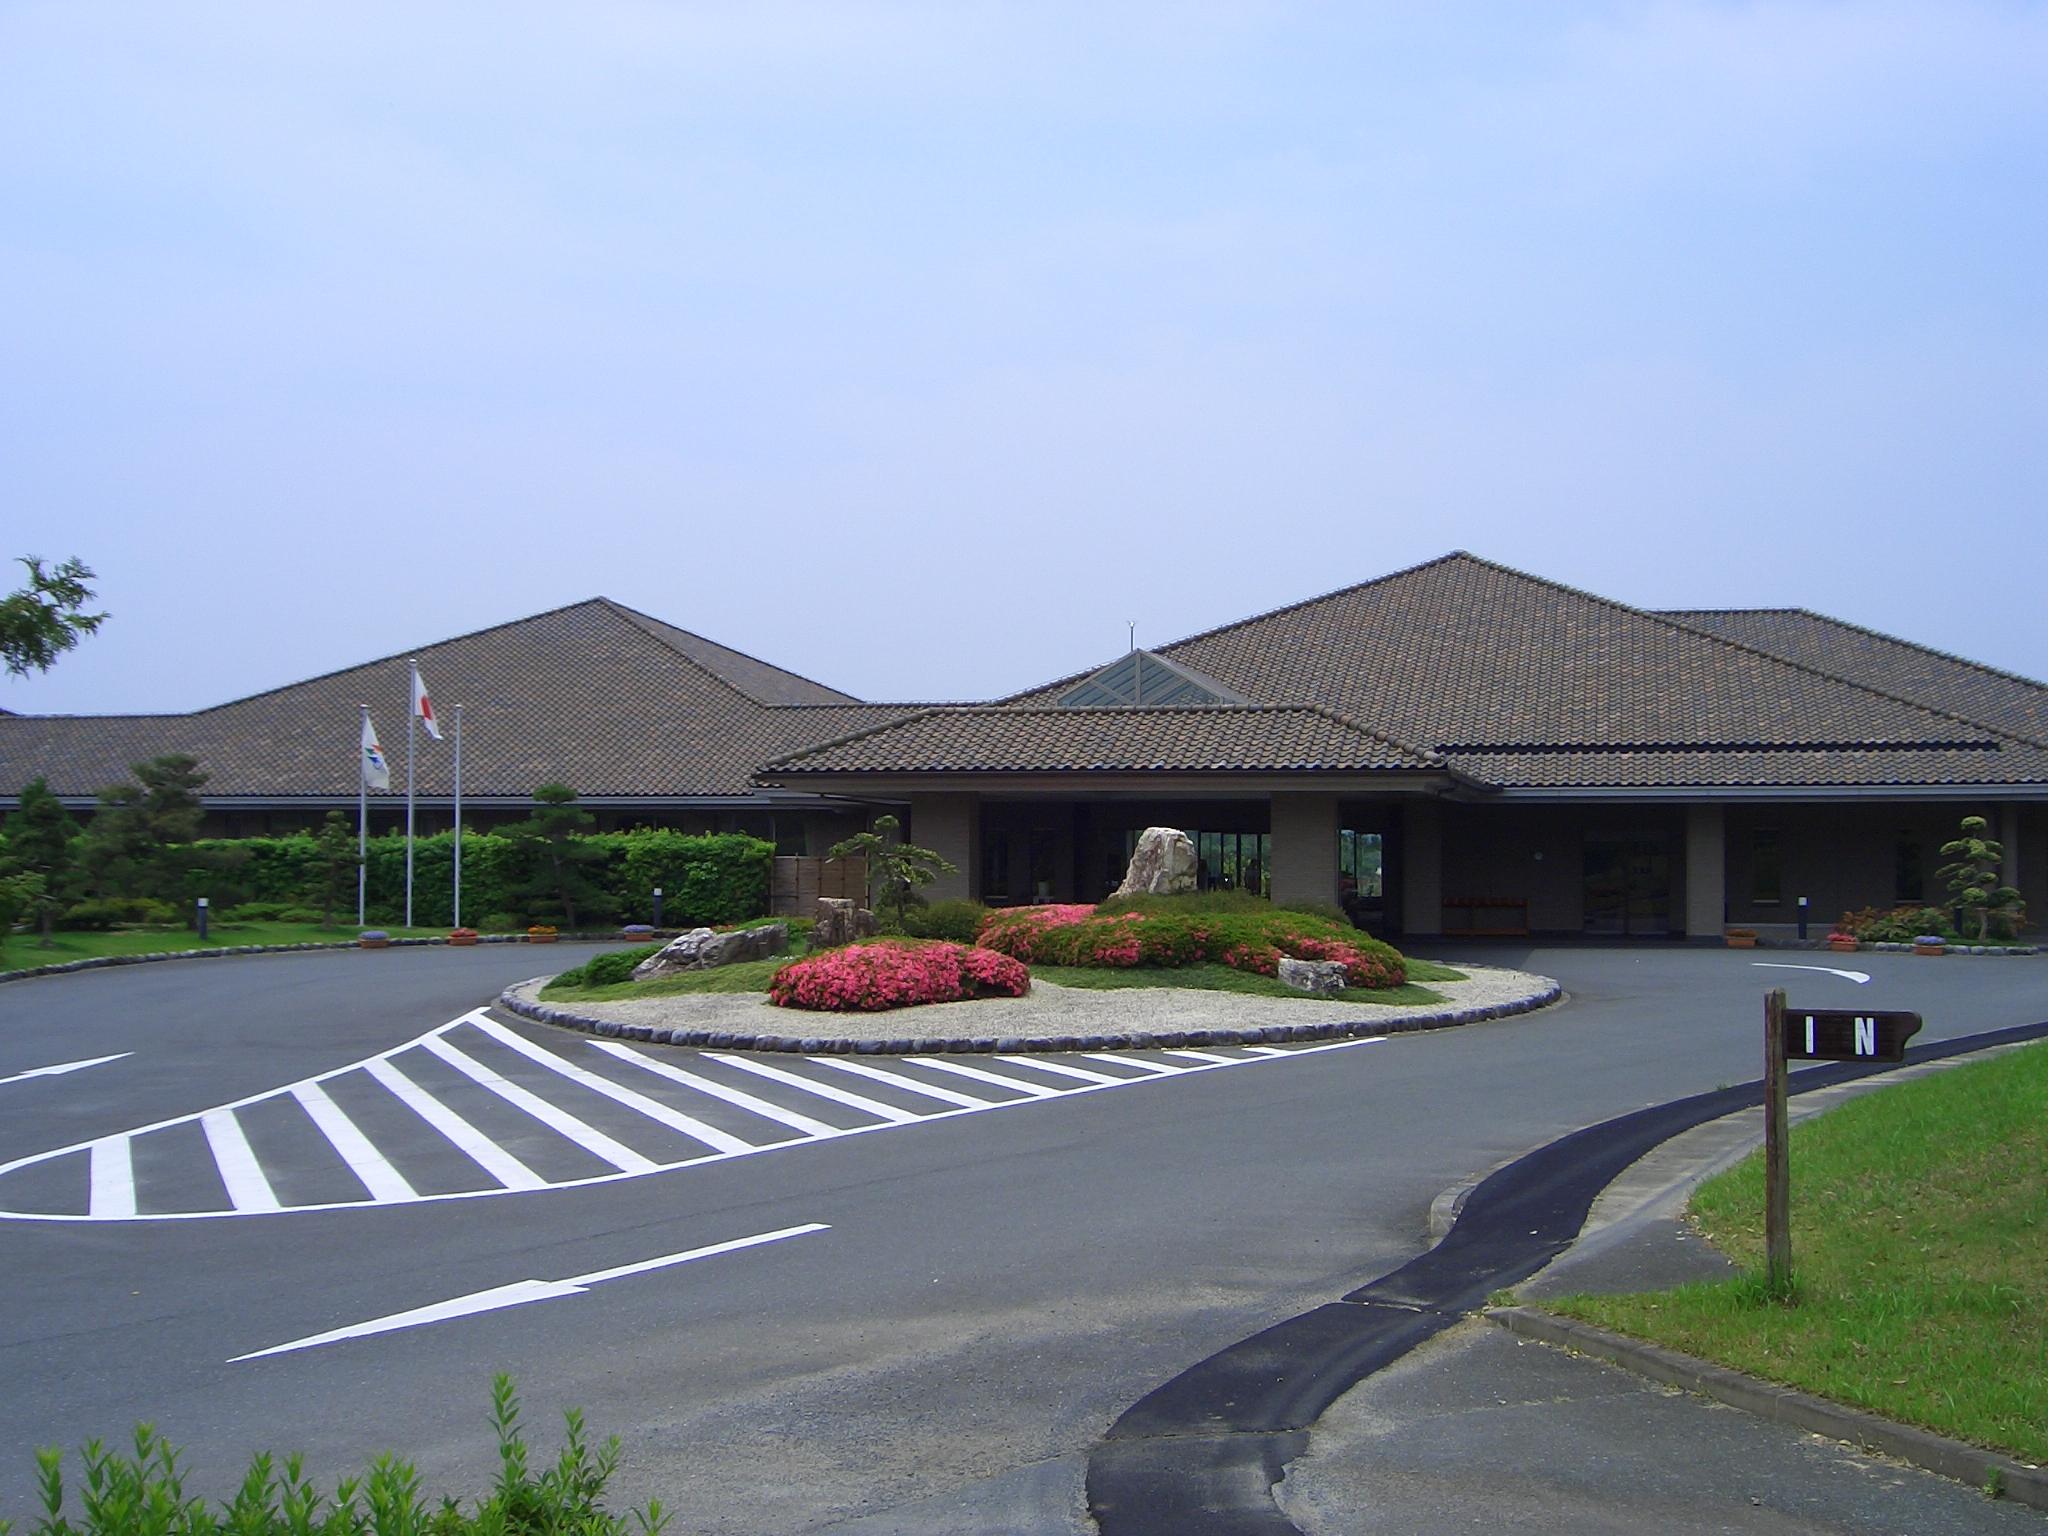 静岡県・三木の里カントリークラブ